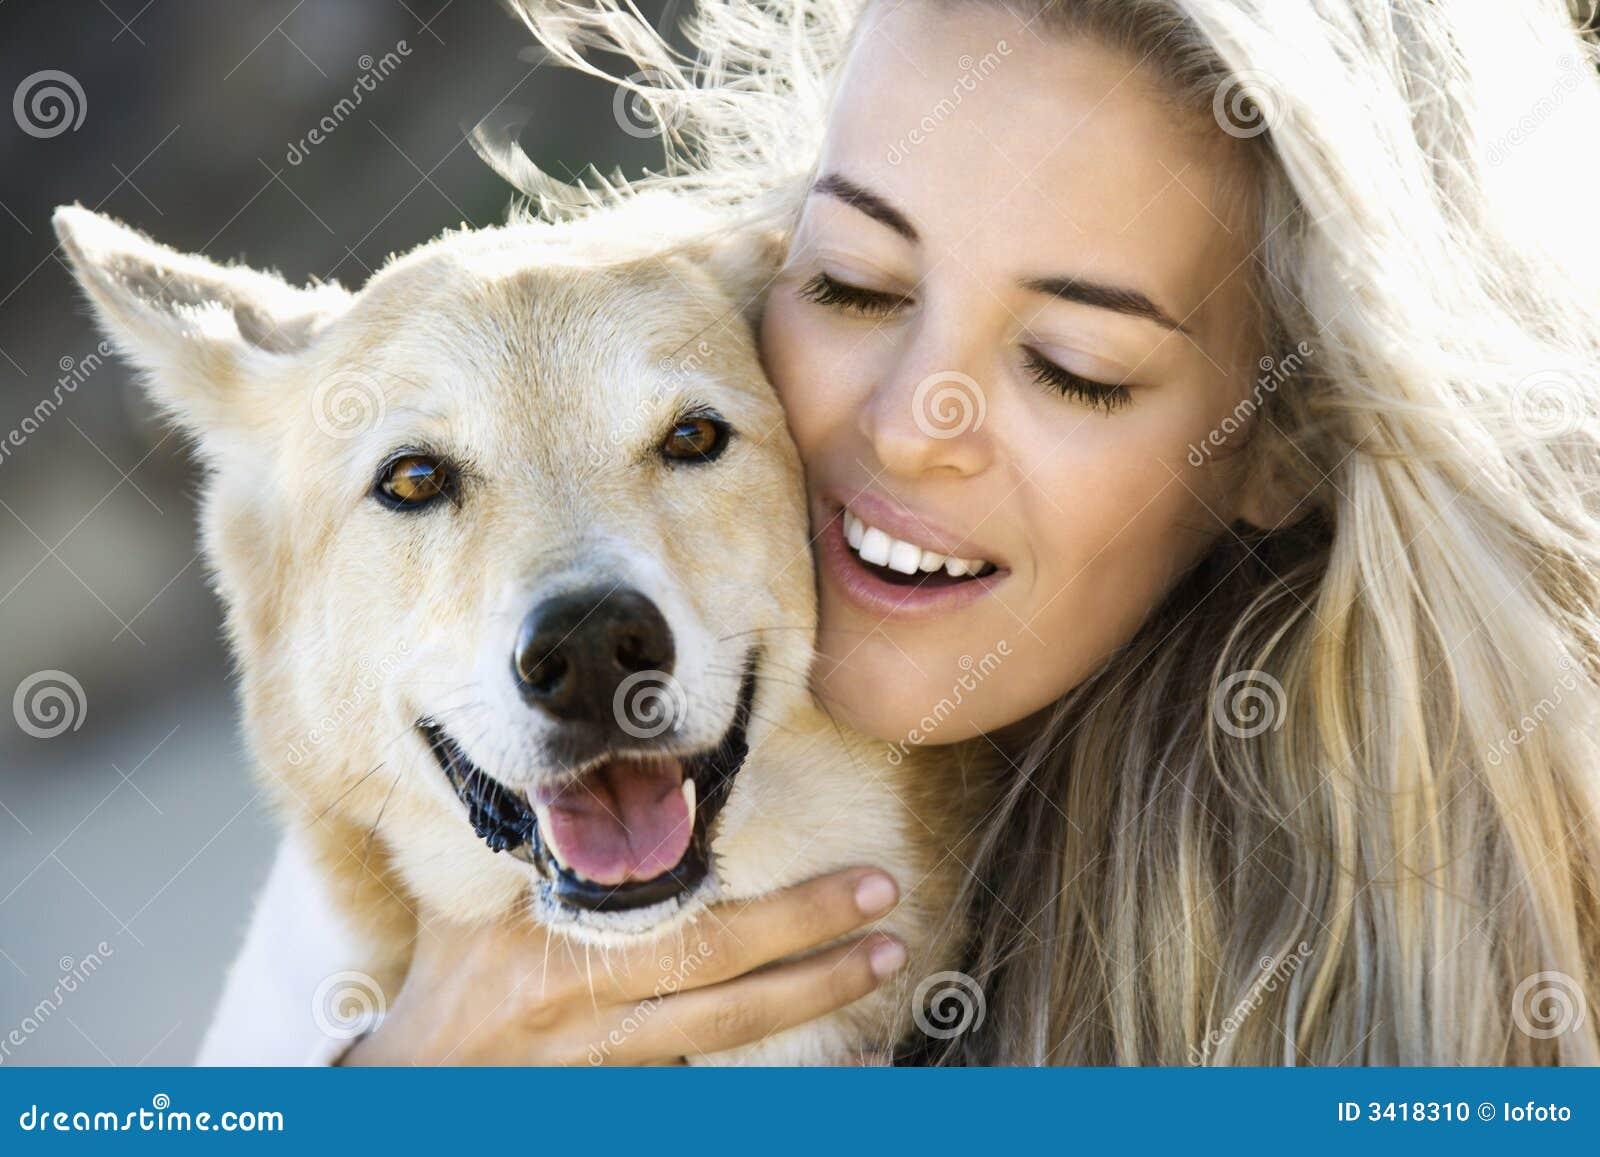 Woman Petting Dog. Stock Photo - Image: 3418310